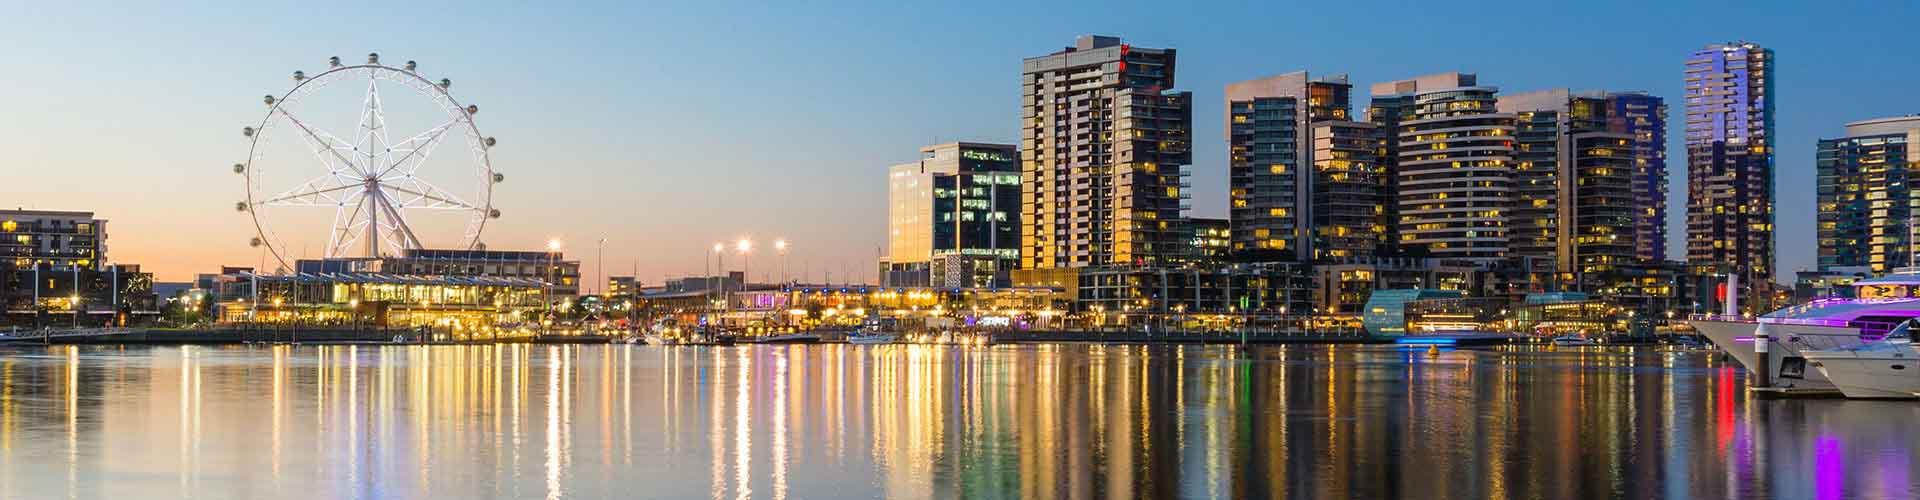 Melbourne - Albergues Juveniles en el distrito Hoddle Grid . Mapas de Melbourne, Fotos y Comentarios para cada Albergue Juvenil en Melbourne.